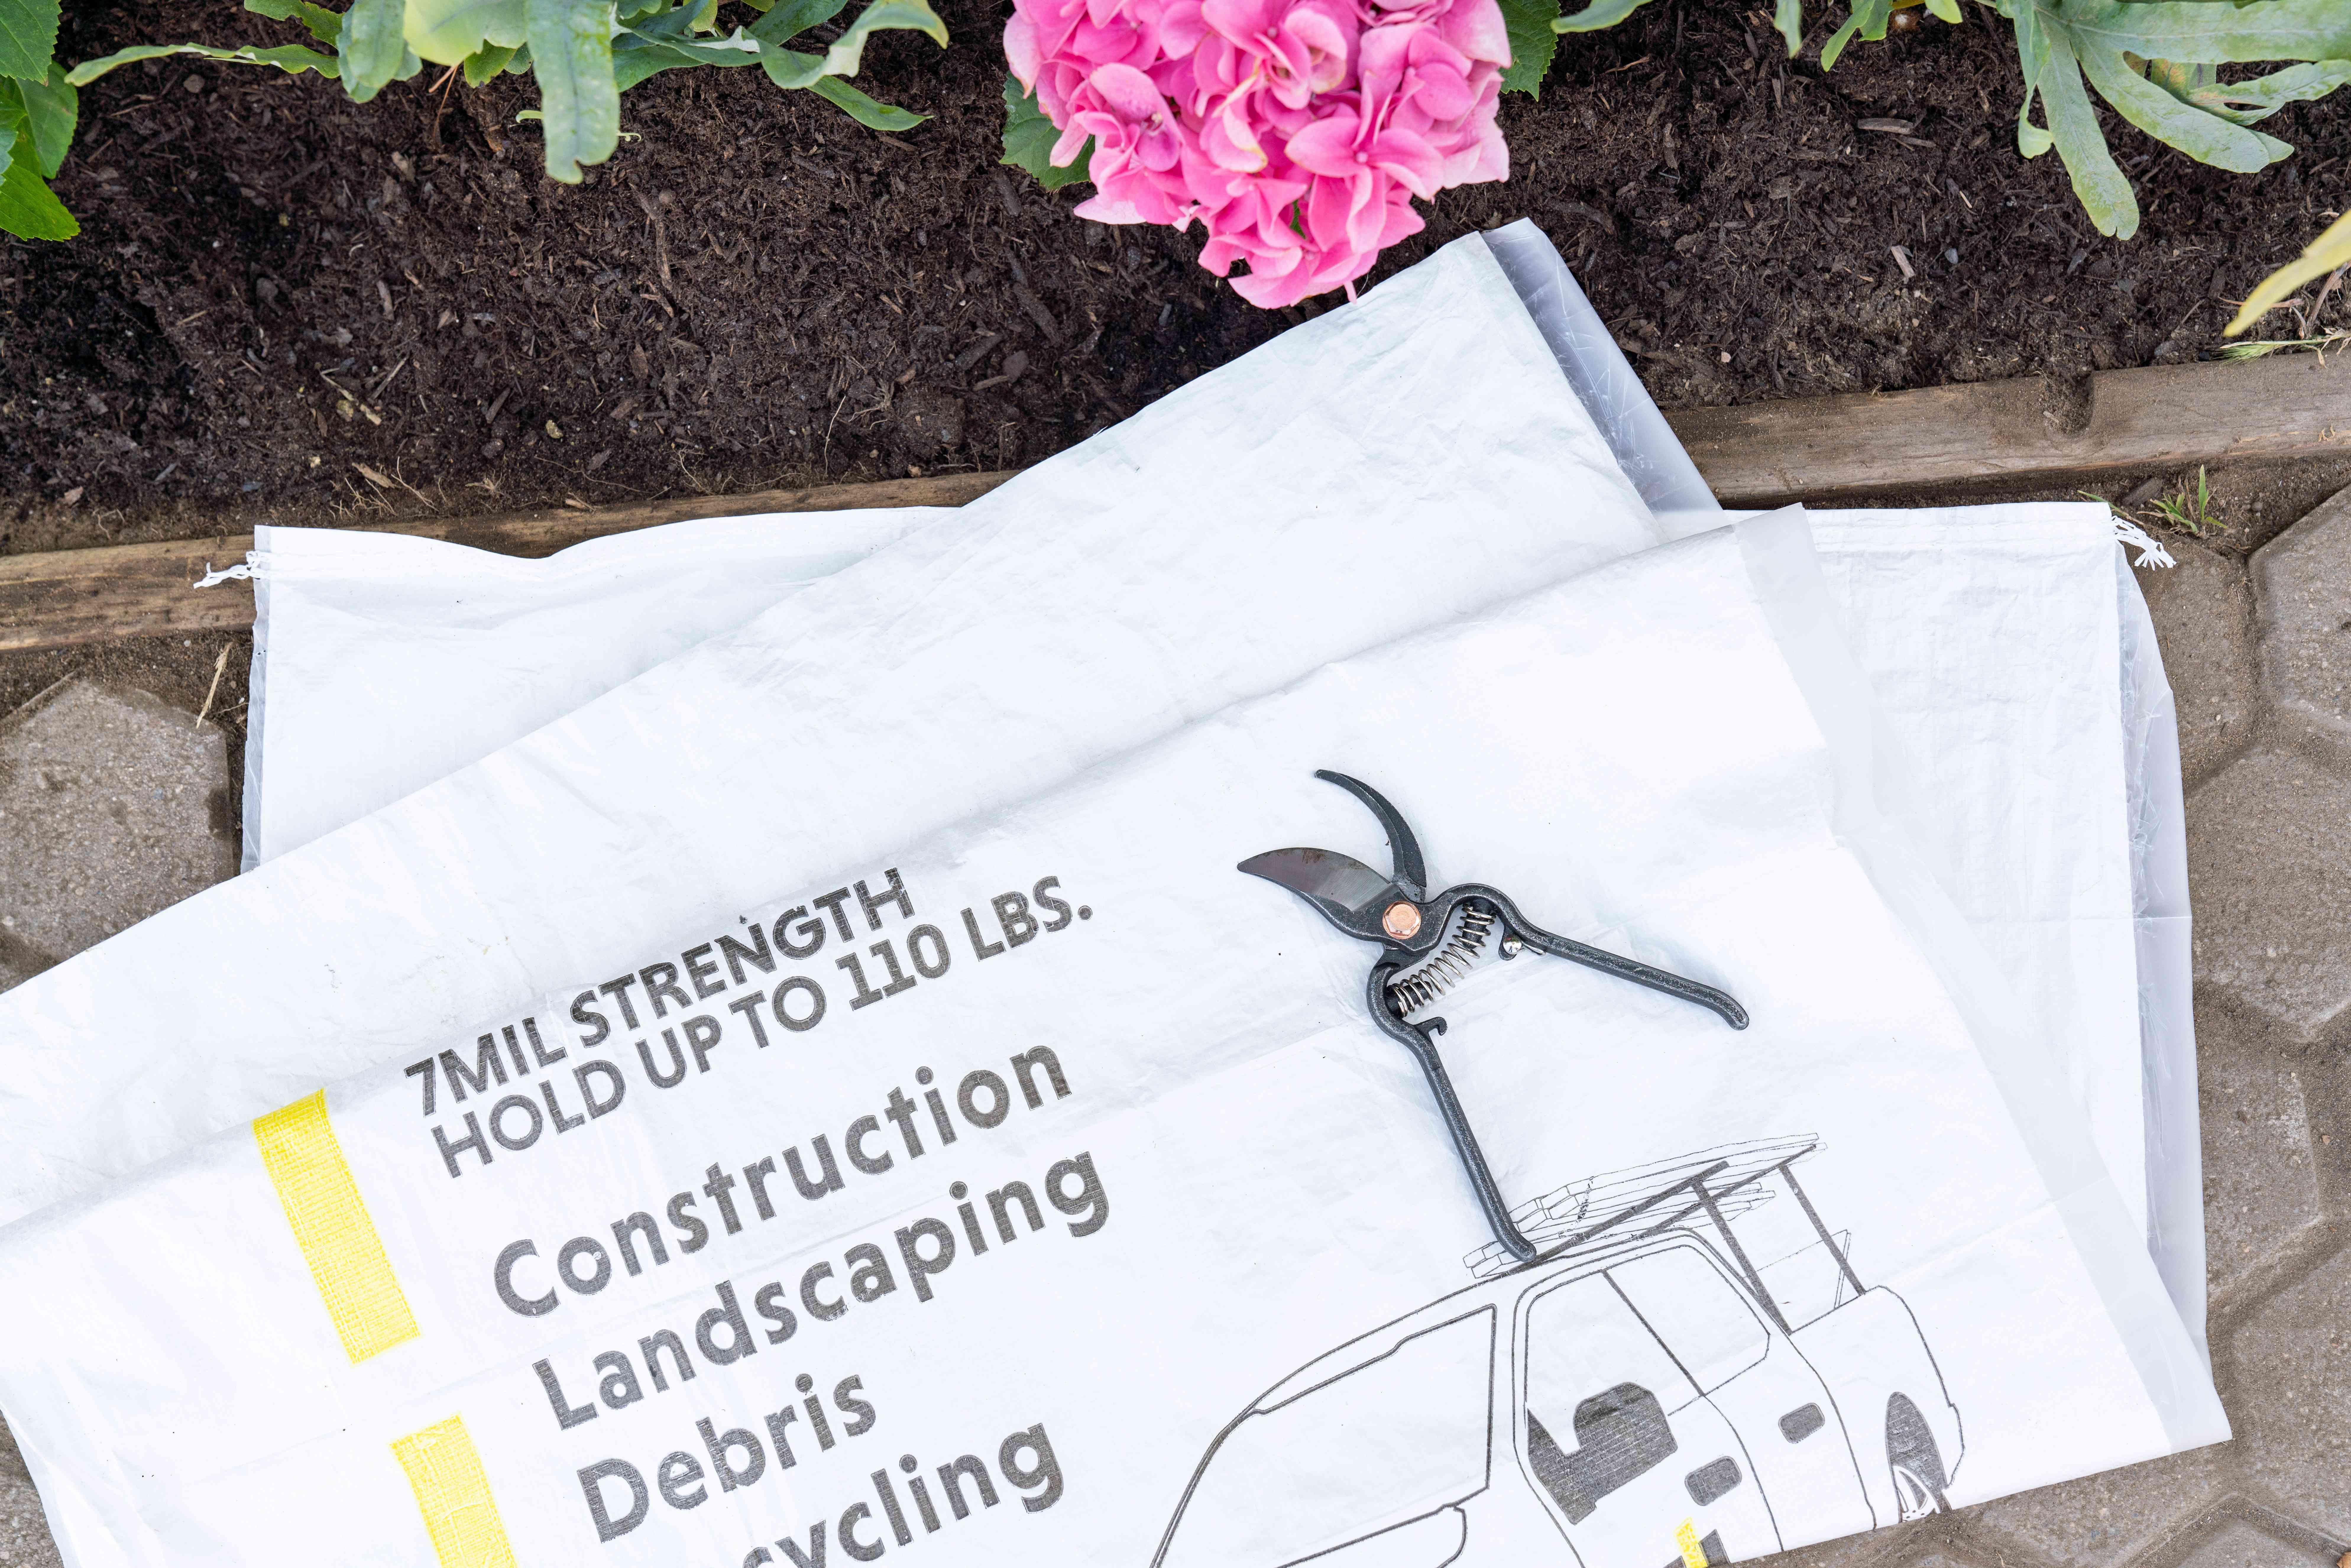 items needed to prune hydrangeas